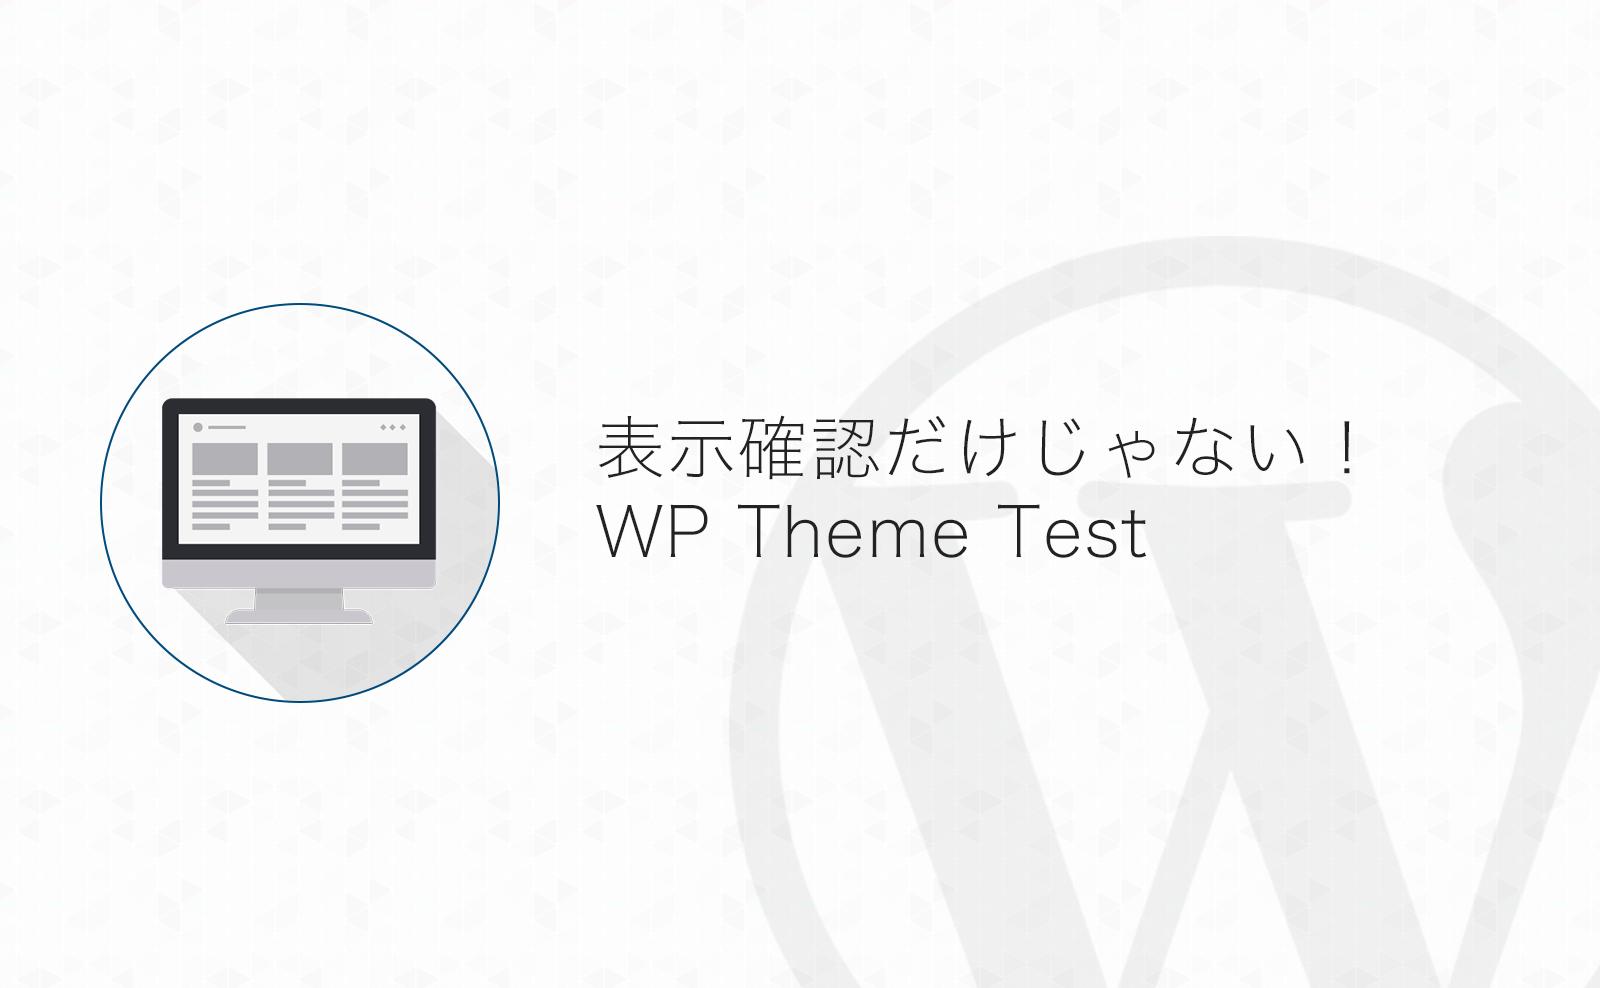 表示の確認だけじゃない!WordPressテーマのテストは「WP Theme Test」がこれほど便利だったとは!